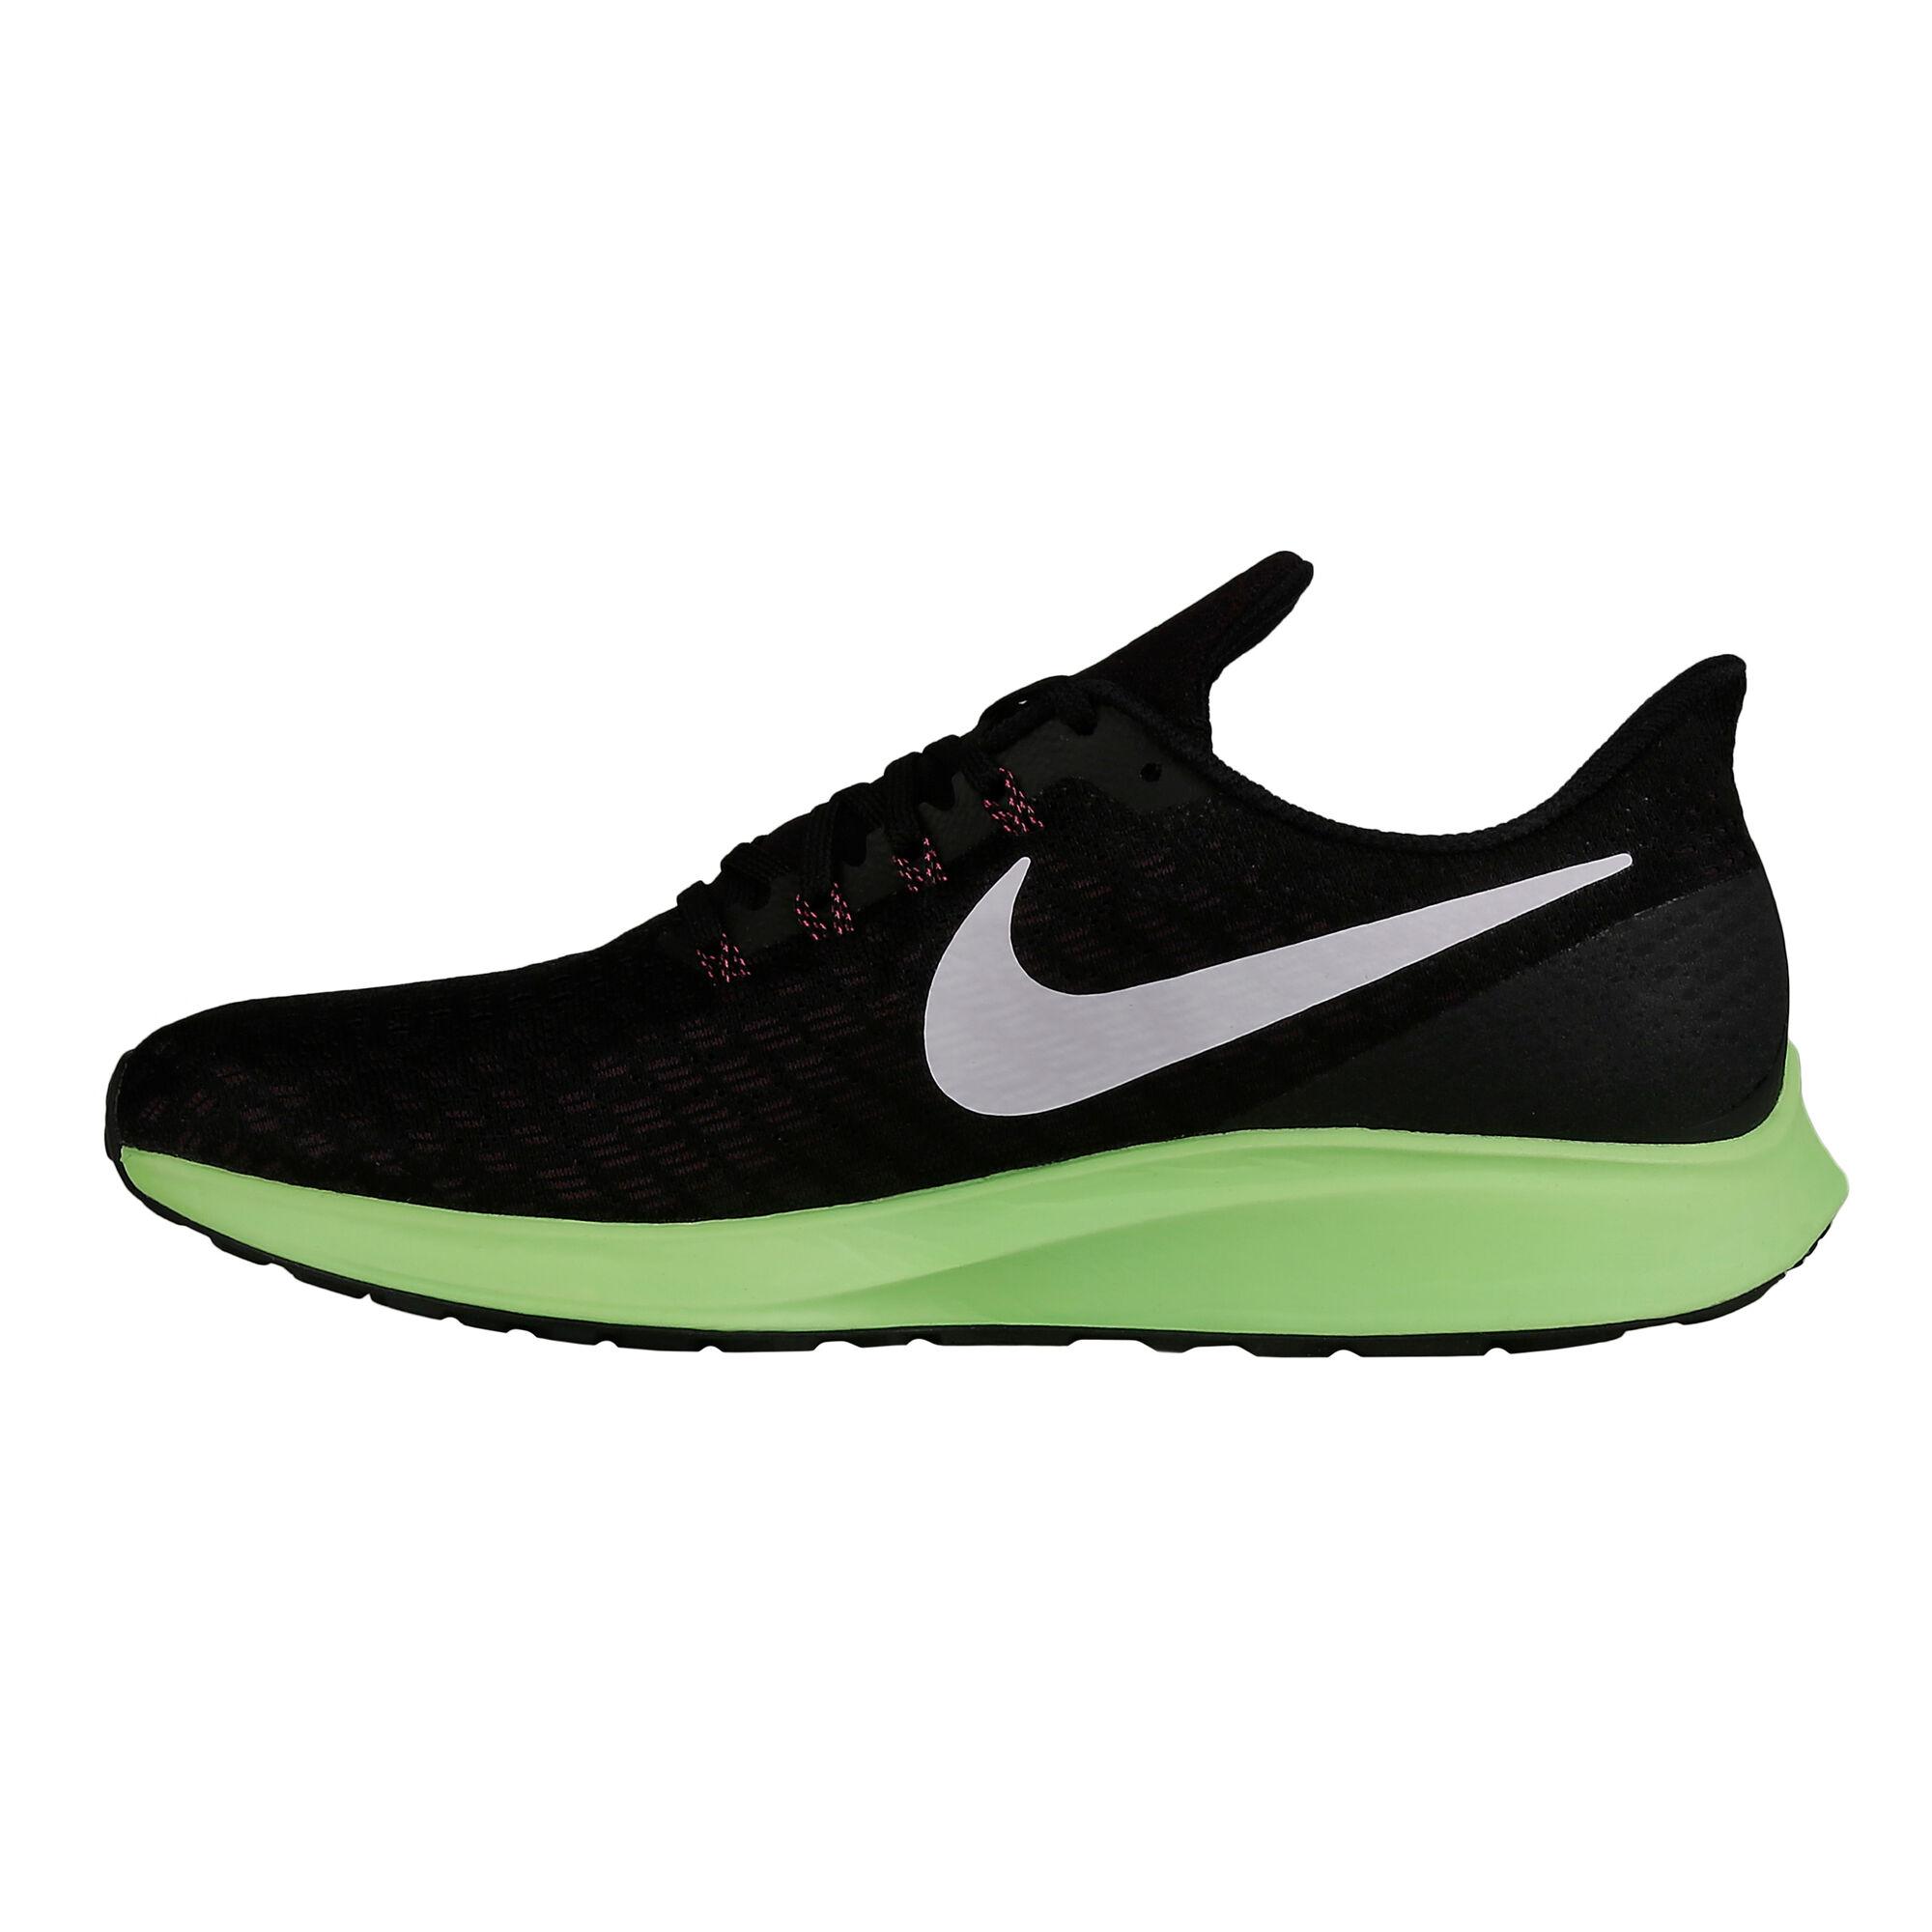 d3b095bcb7503 Nike  Nike  Nike  Nike  Nike  Nike  Nike  Nike  Nike  Nike. Air Zoom Pegasus  ...